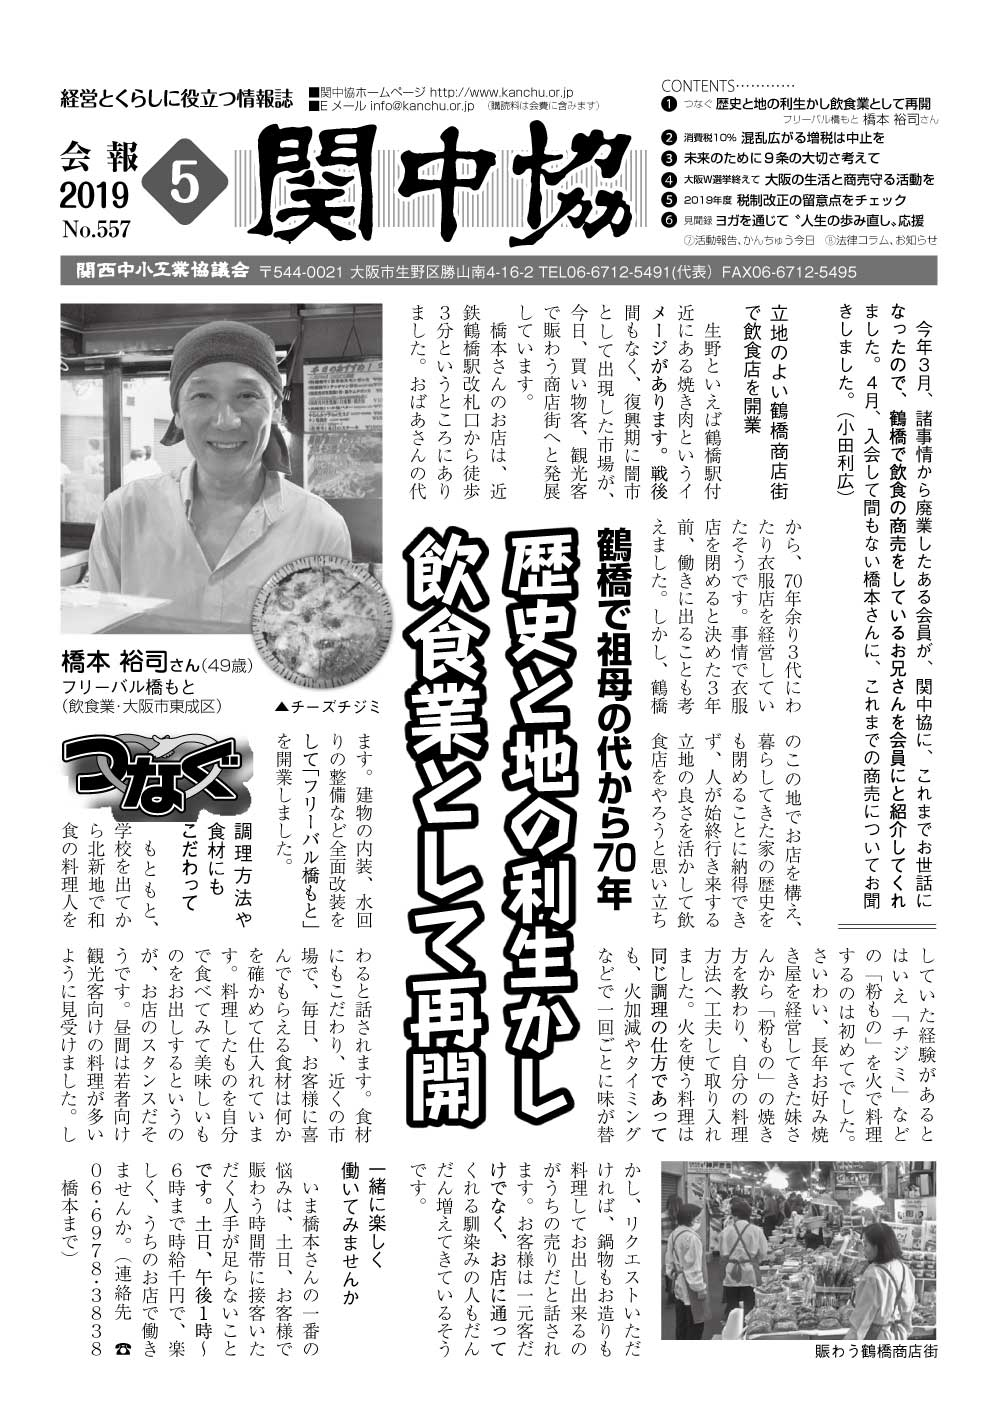 『関中協会報』2019年5月号(第557号)関西中小工業協議会